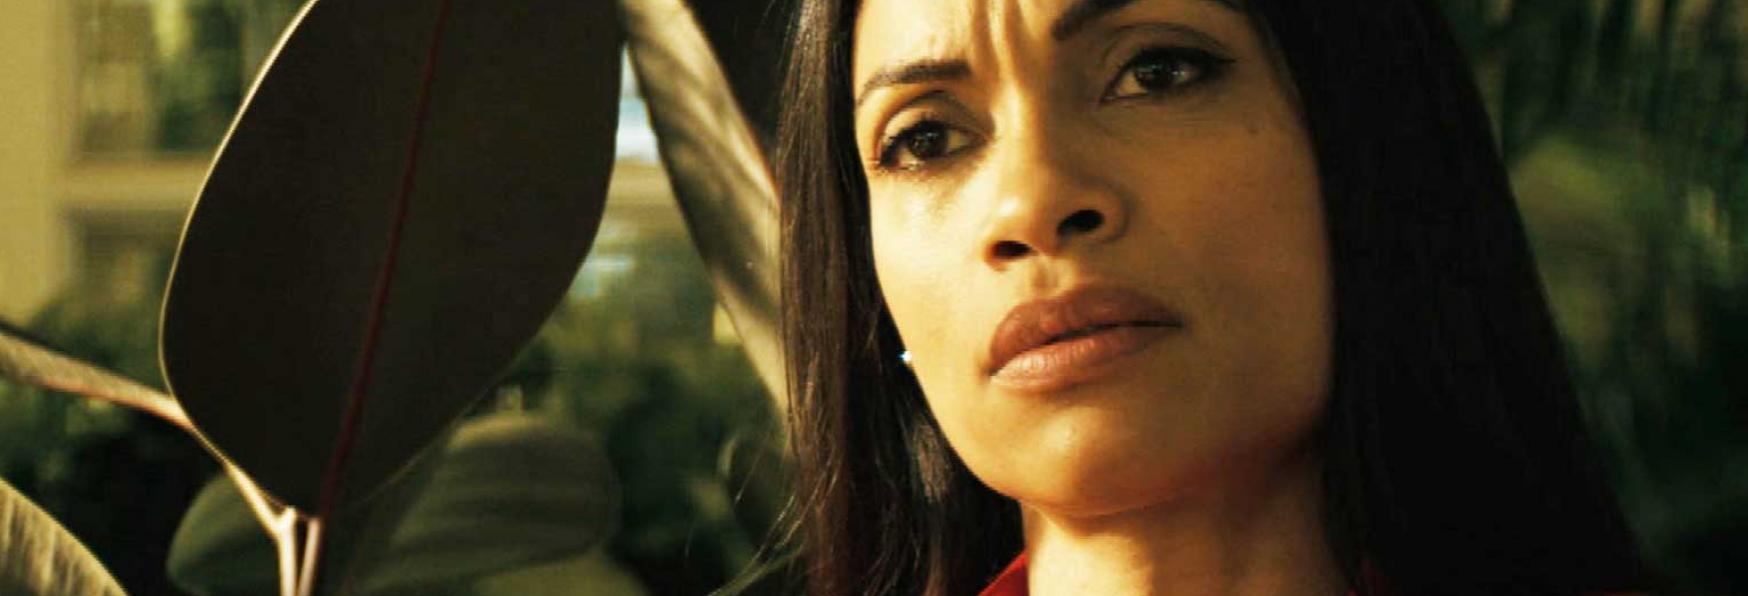 Briarpatch 2 non ci sarà. Cancellata la Serie TV con Rosario Dawson